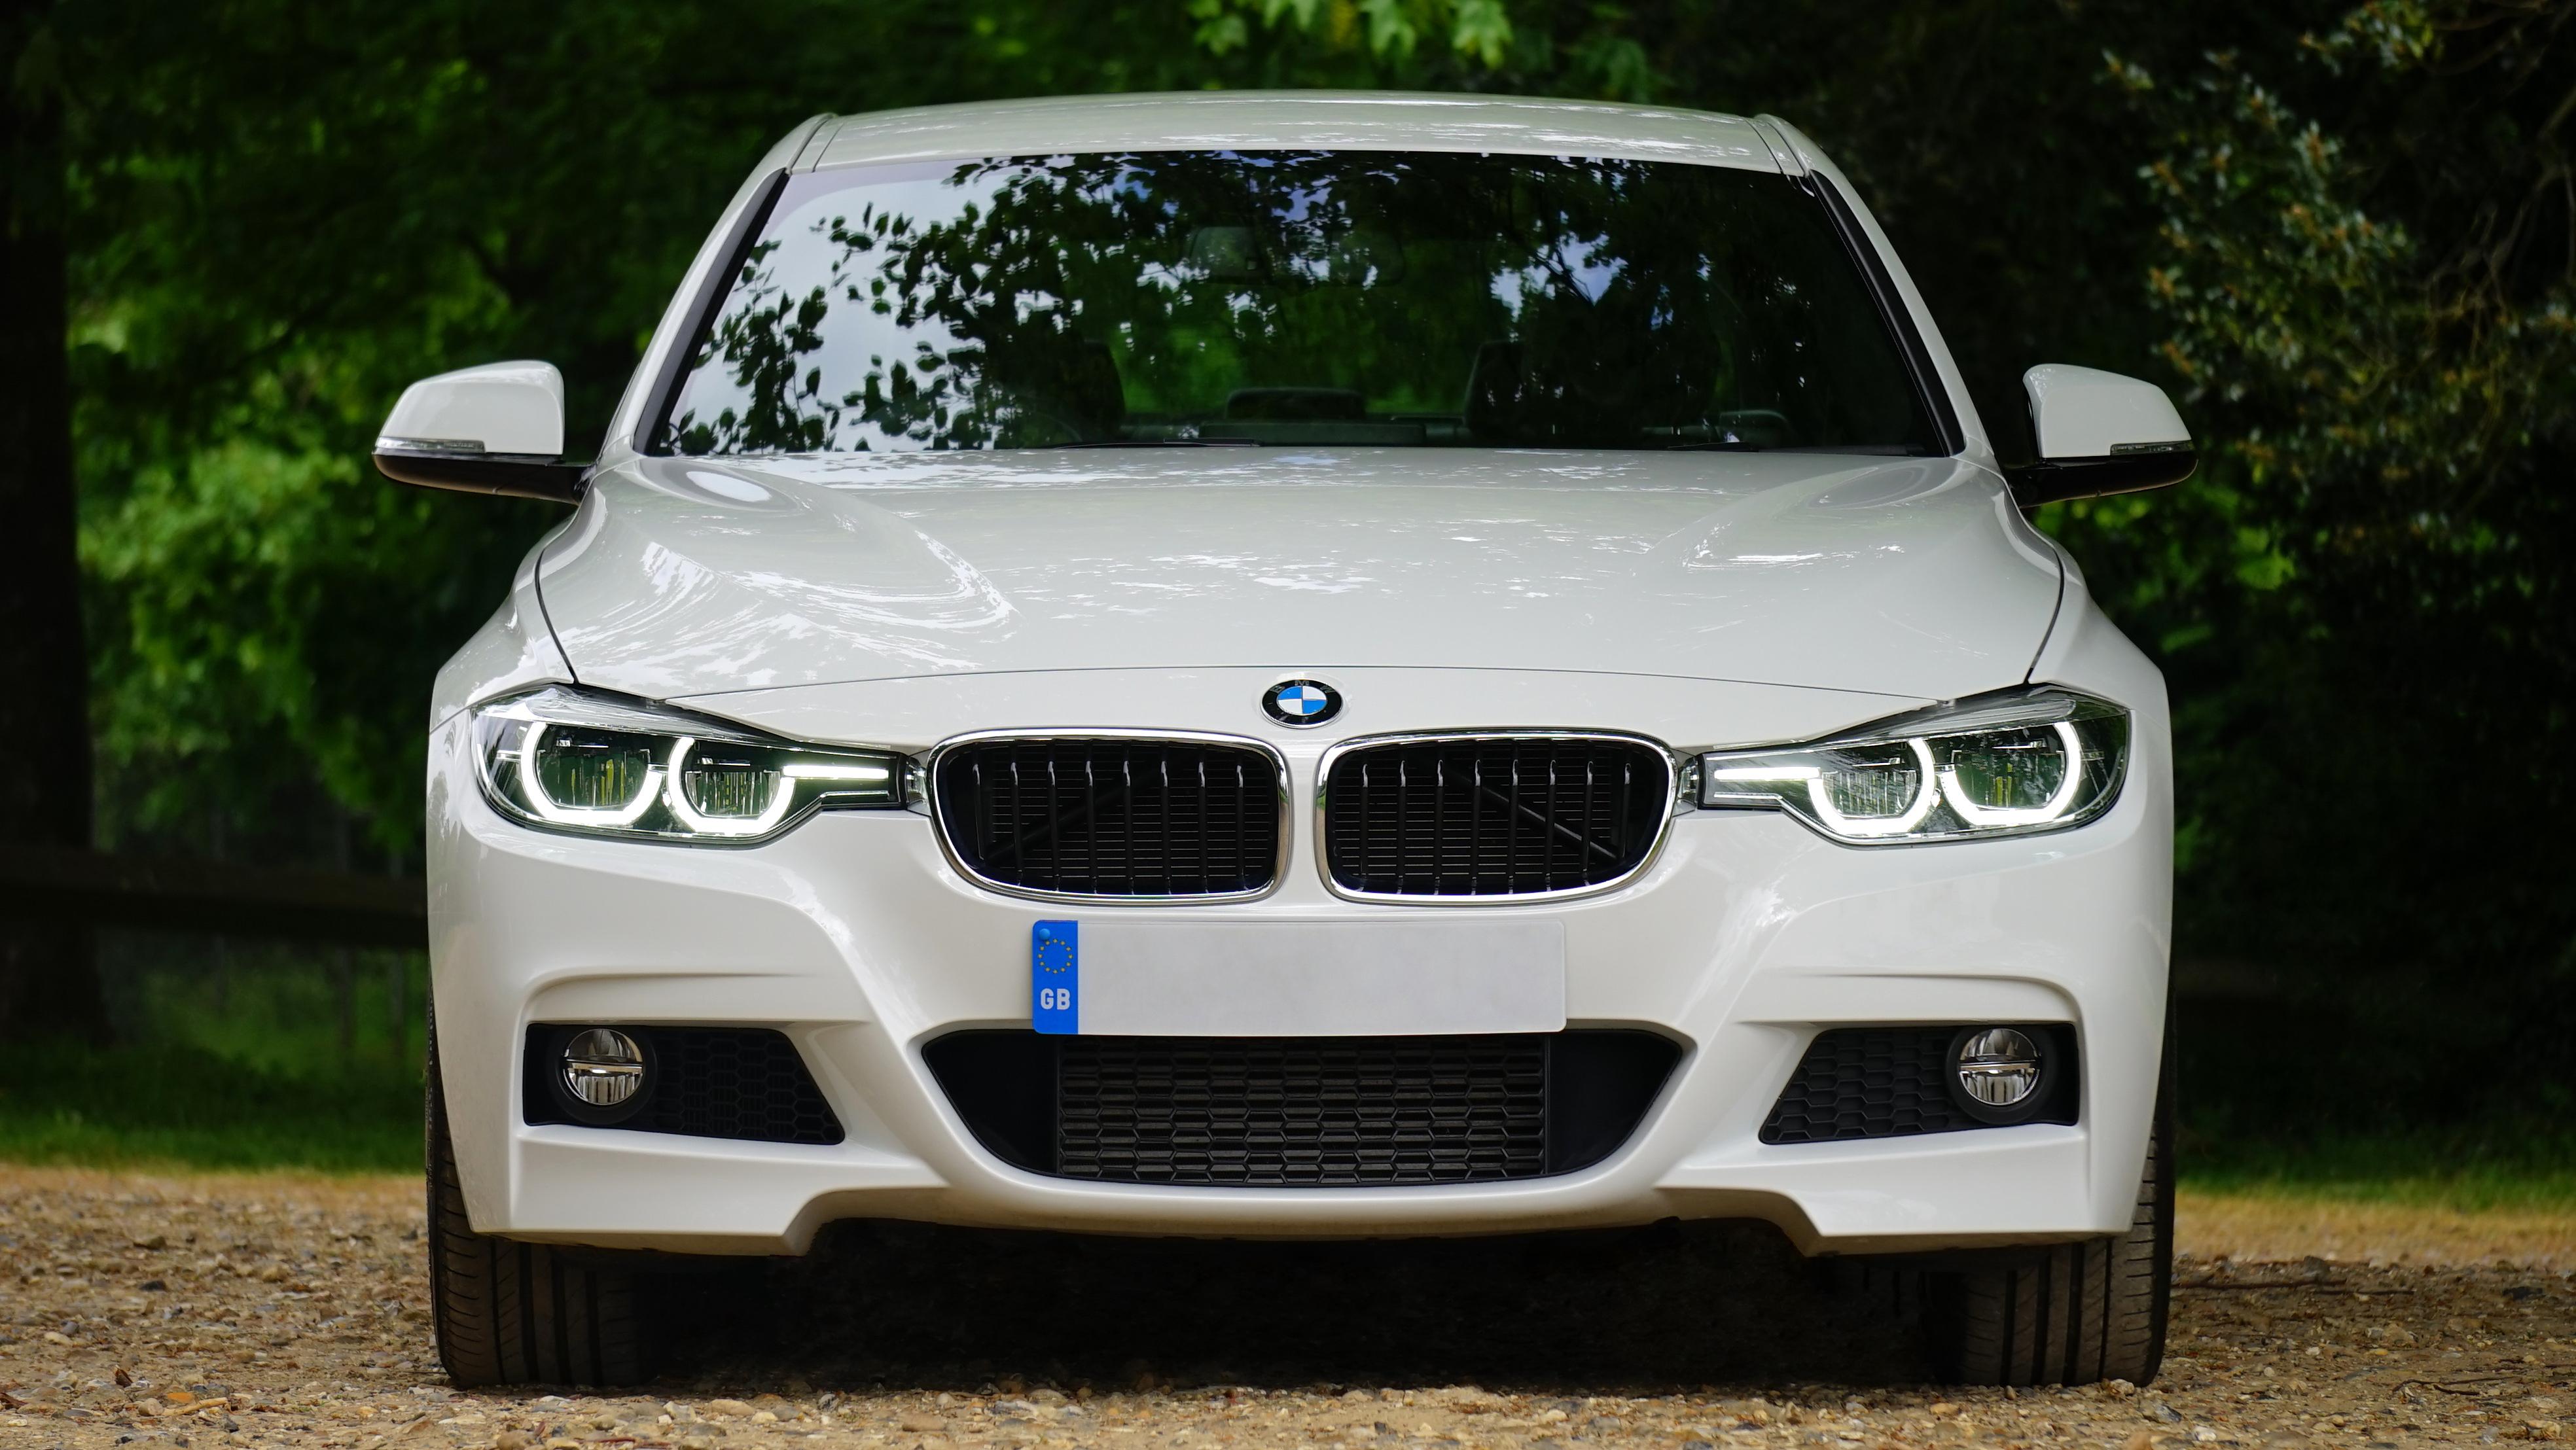 free stock photo of car vehicle luxury white